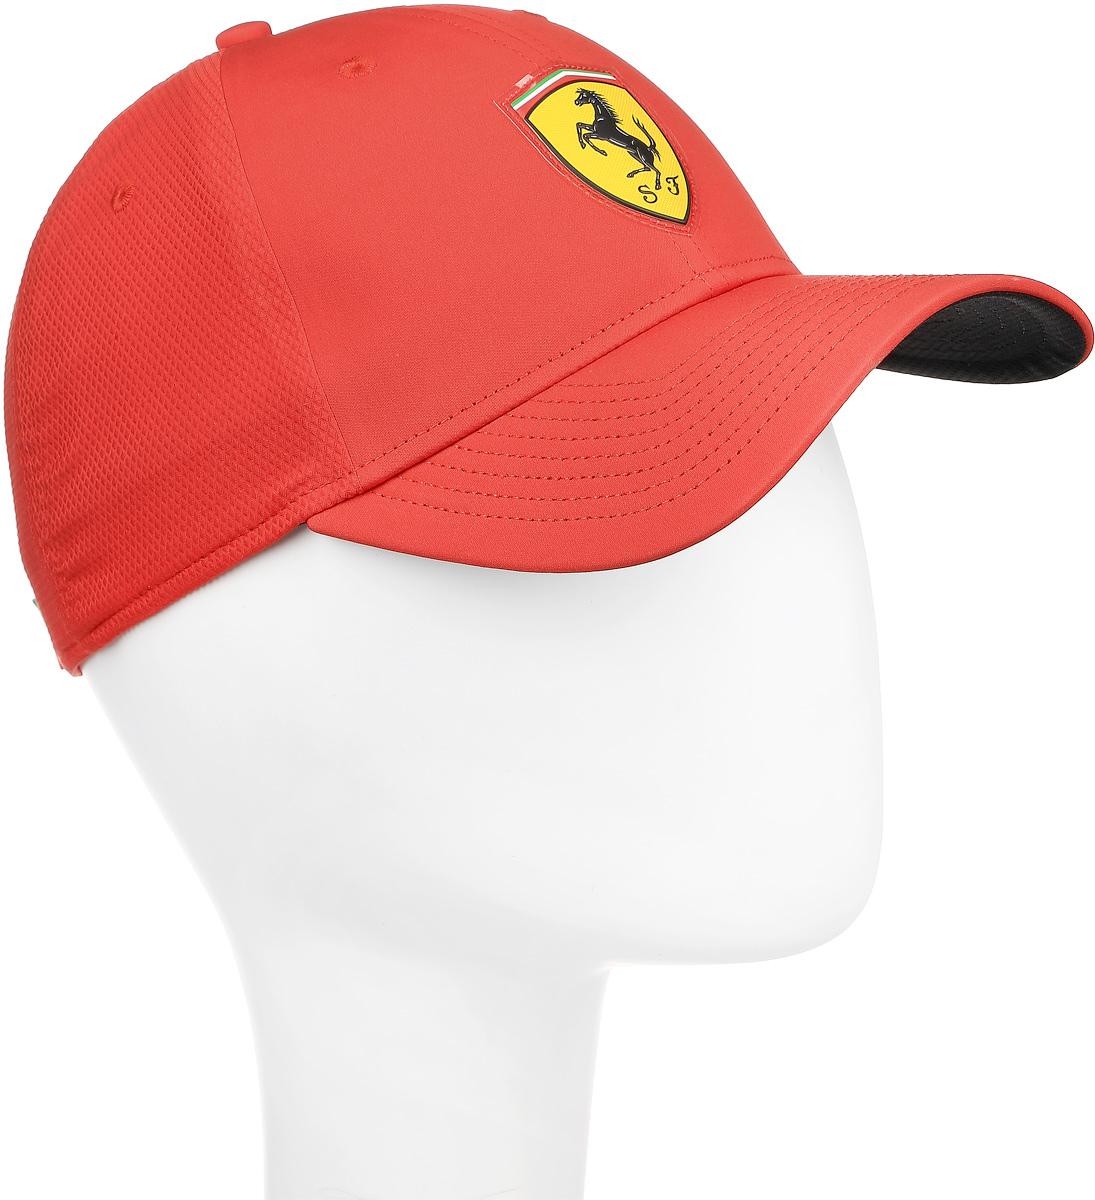 Бейсболка021046_01Бейсболка от Puma линии Ferrari имеет изогнутый козырек с контрастной отделкой из сетчатого материала. Внутренний околыш из впитывающего влагу материала придаёт модели дополнительное удобство. Особую оригинальность привносят обработанные тесьмой швы спереди и задние панели из полиэстера с ромбовидной текстурой. Сзади бейсболка имеет застежку на тканевой липучке с тканым ярлыком цветов итальянского флага и вышитый логотип Puma, а спереди модель украшена эмблемой Ferrari из термополиуретана.